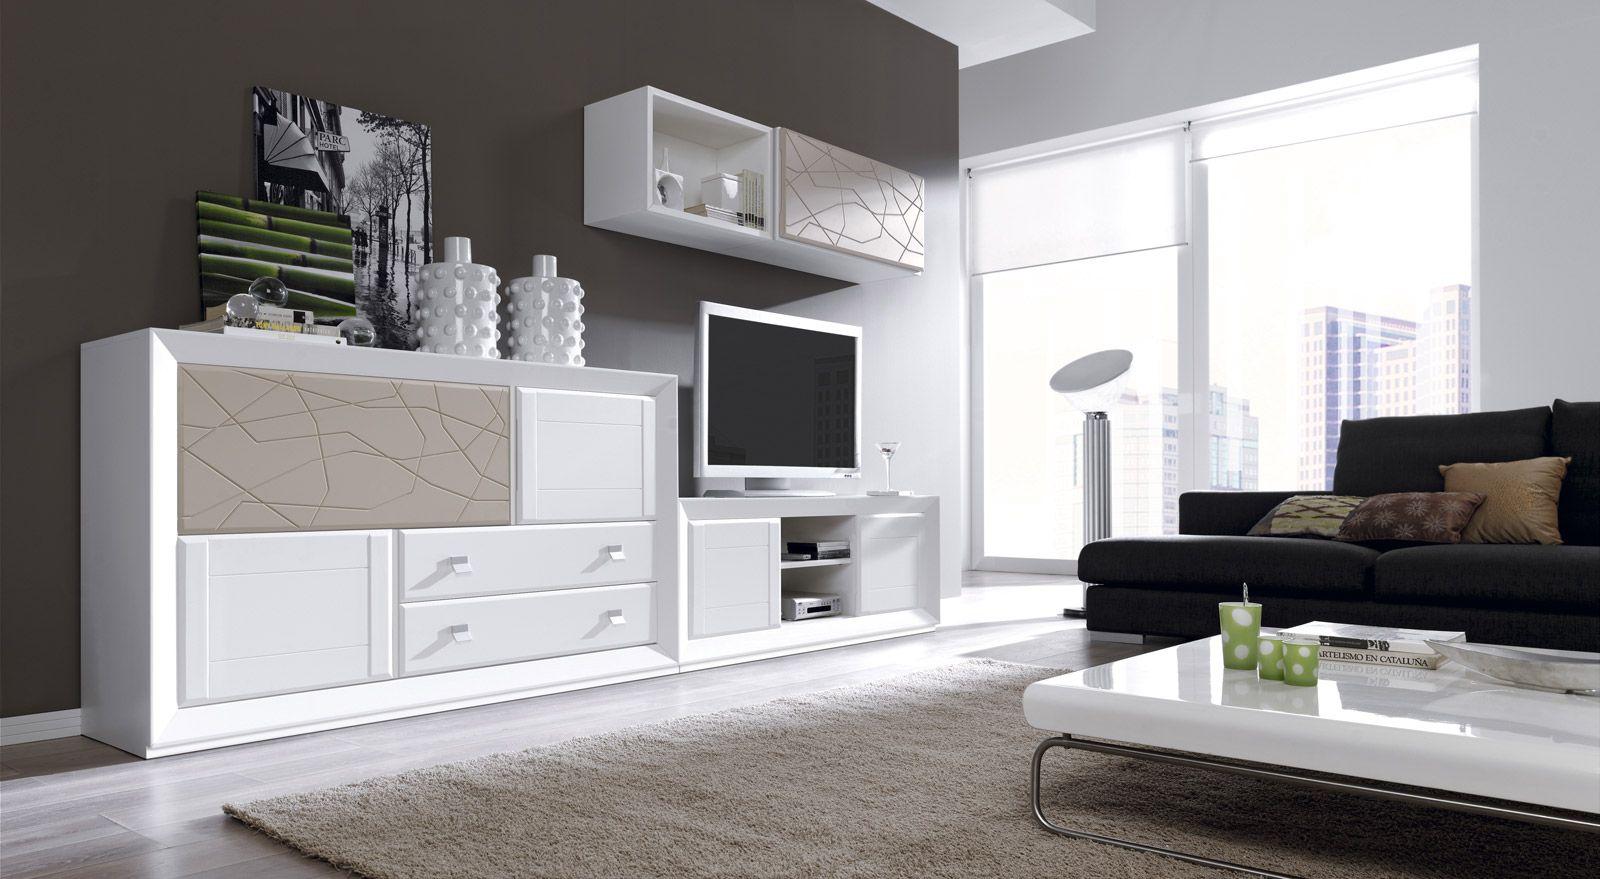 Sofassinfin.es Sofás relax con chaise-longue de diseño moderno con ...